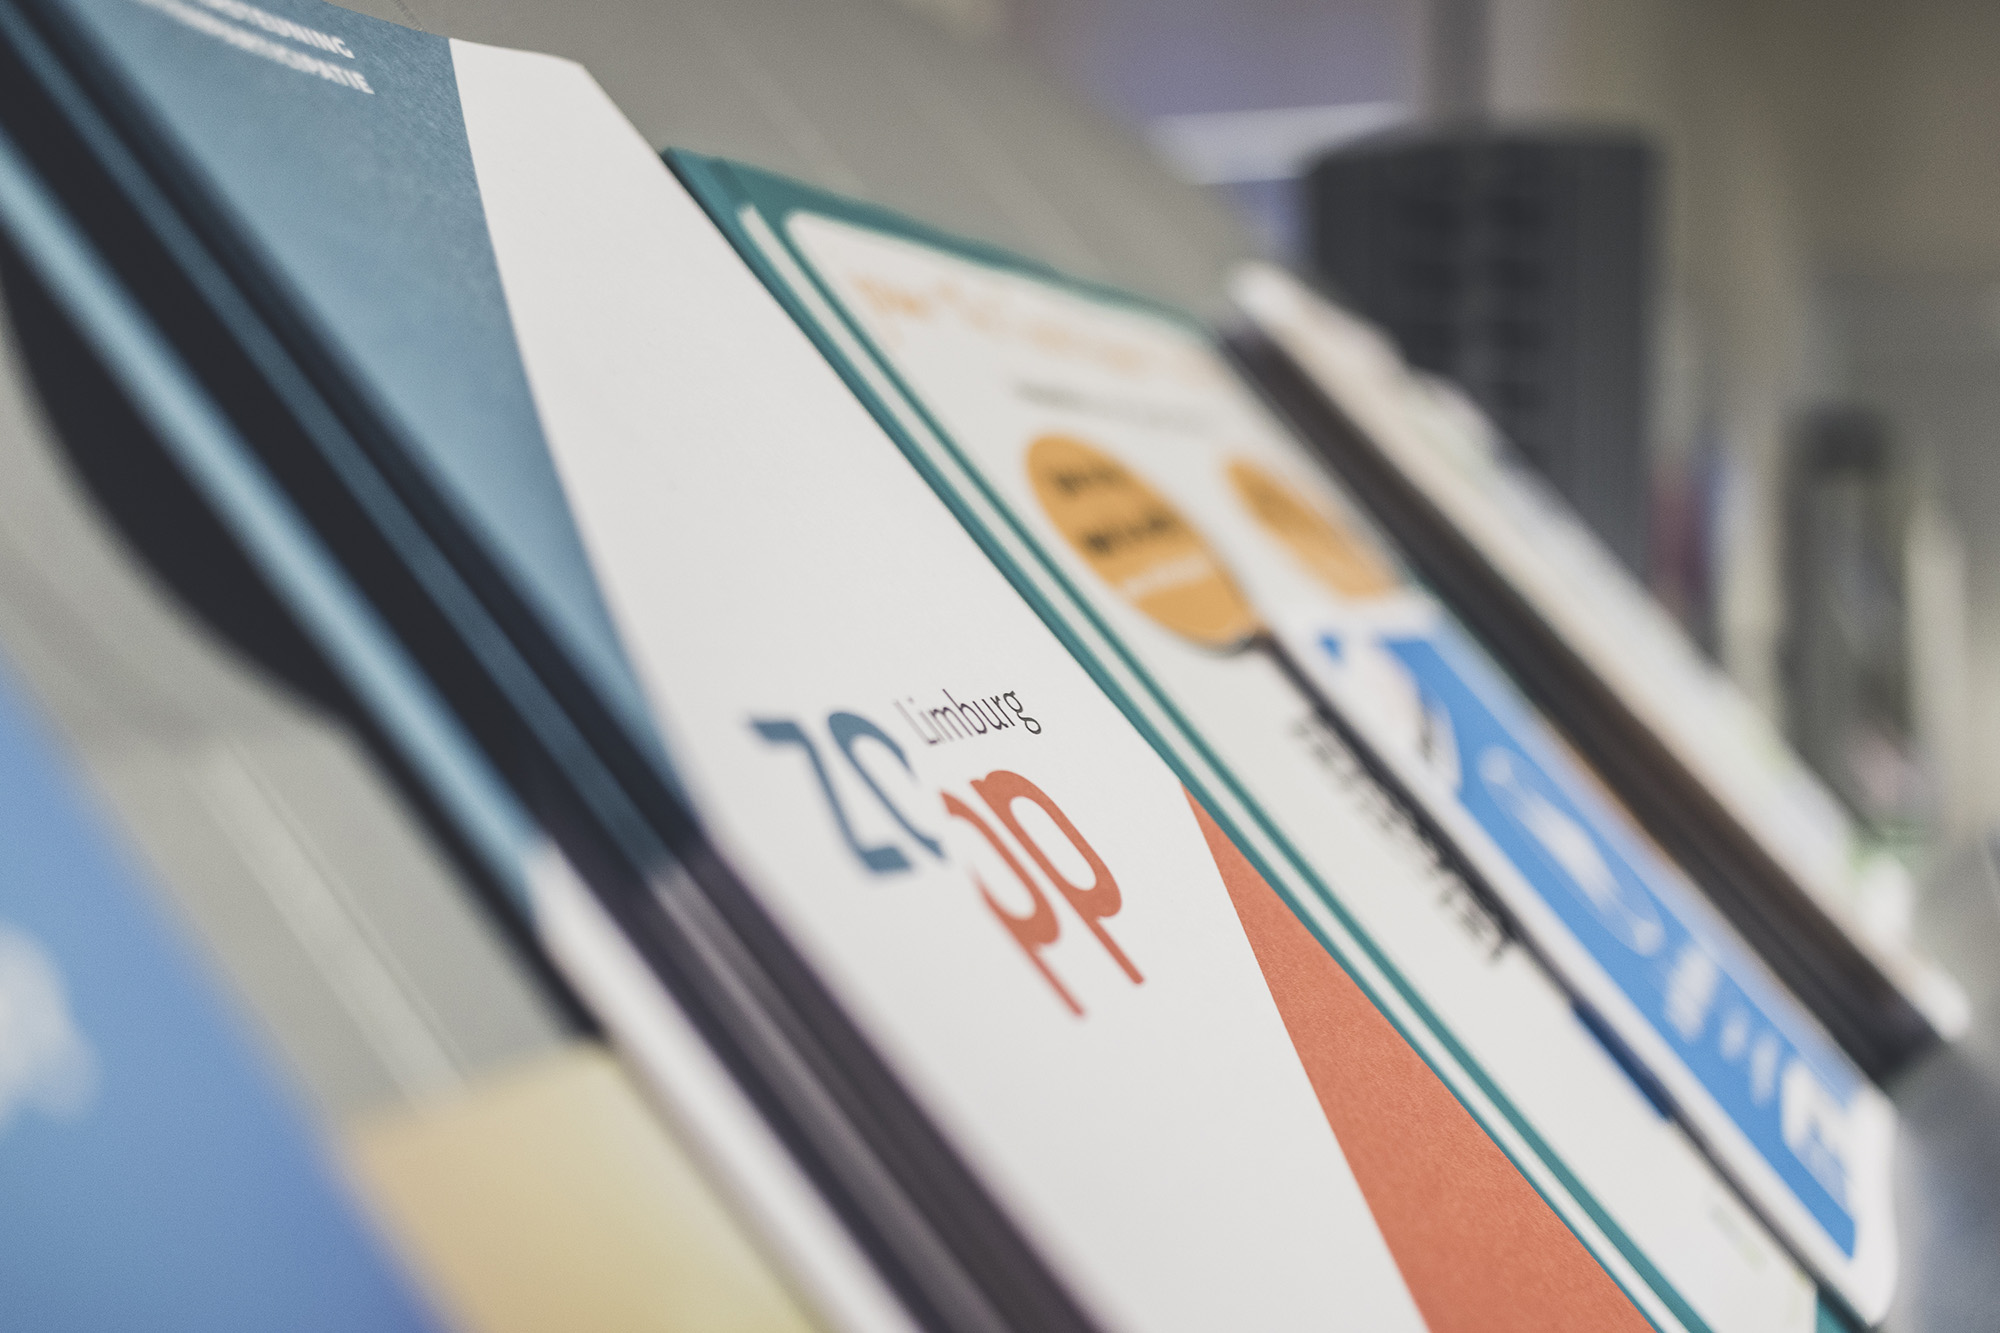 vormingsaanbod, brochure, ZOPP, achtergrondfoto